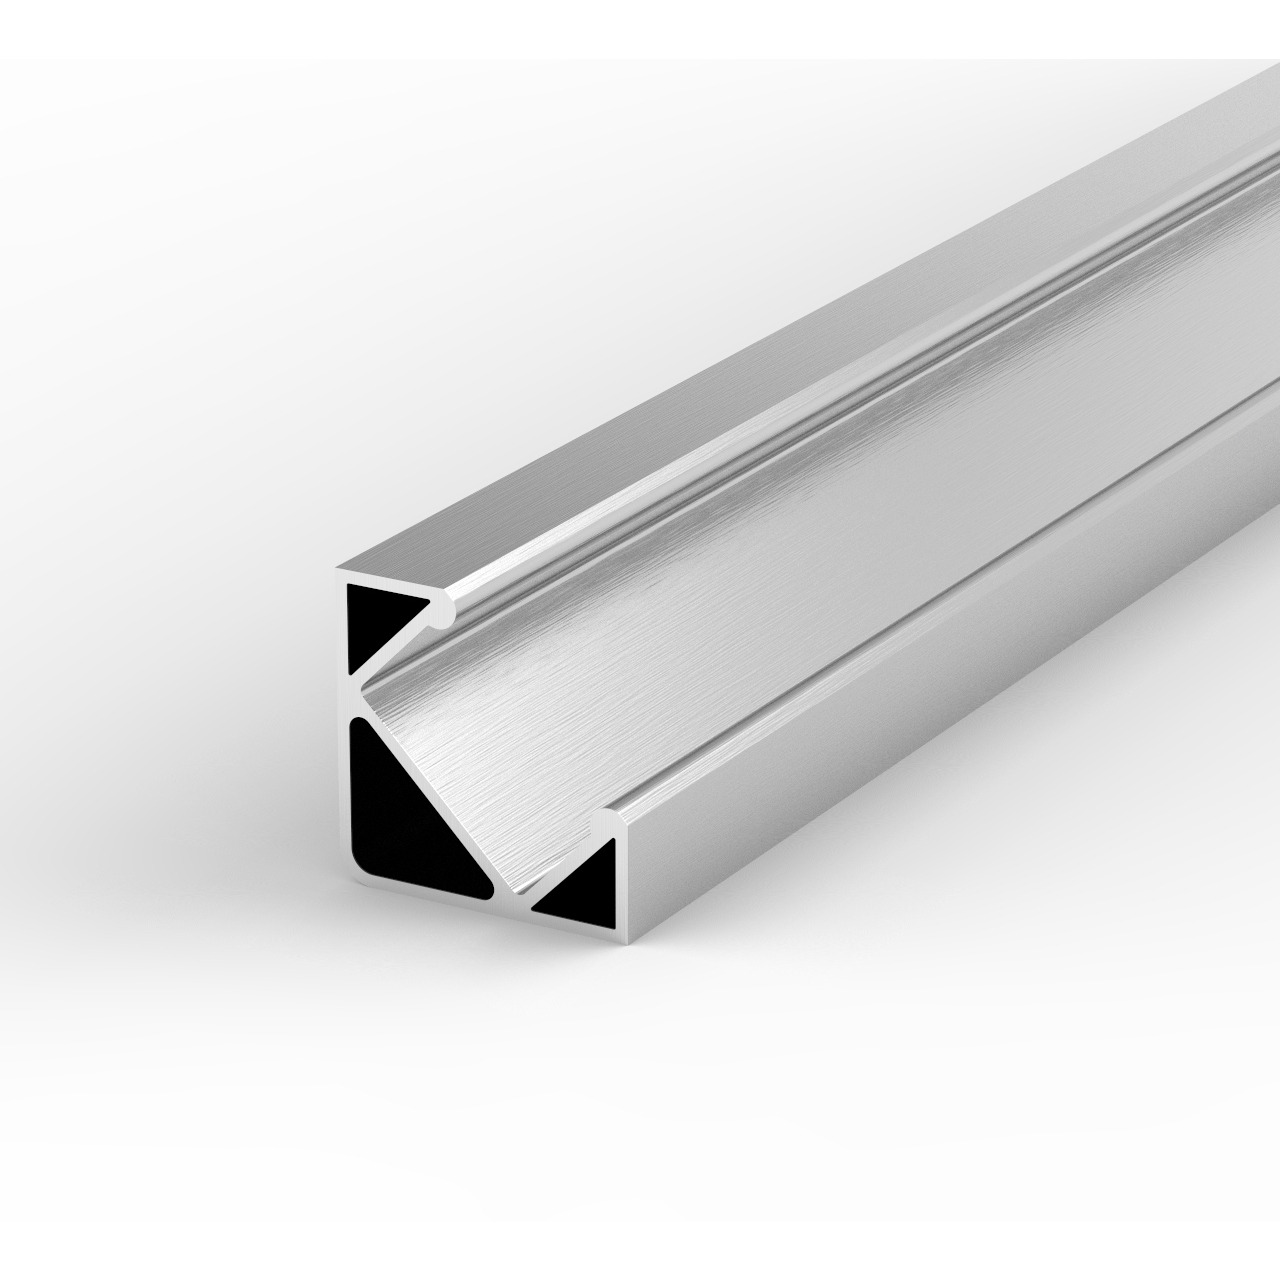 1-m-Aluminiumprofil P3-1 für LED-Streifen- mit matter Abdeckung- inkl. Endkappen